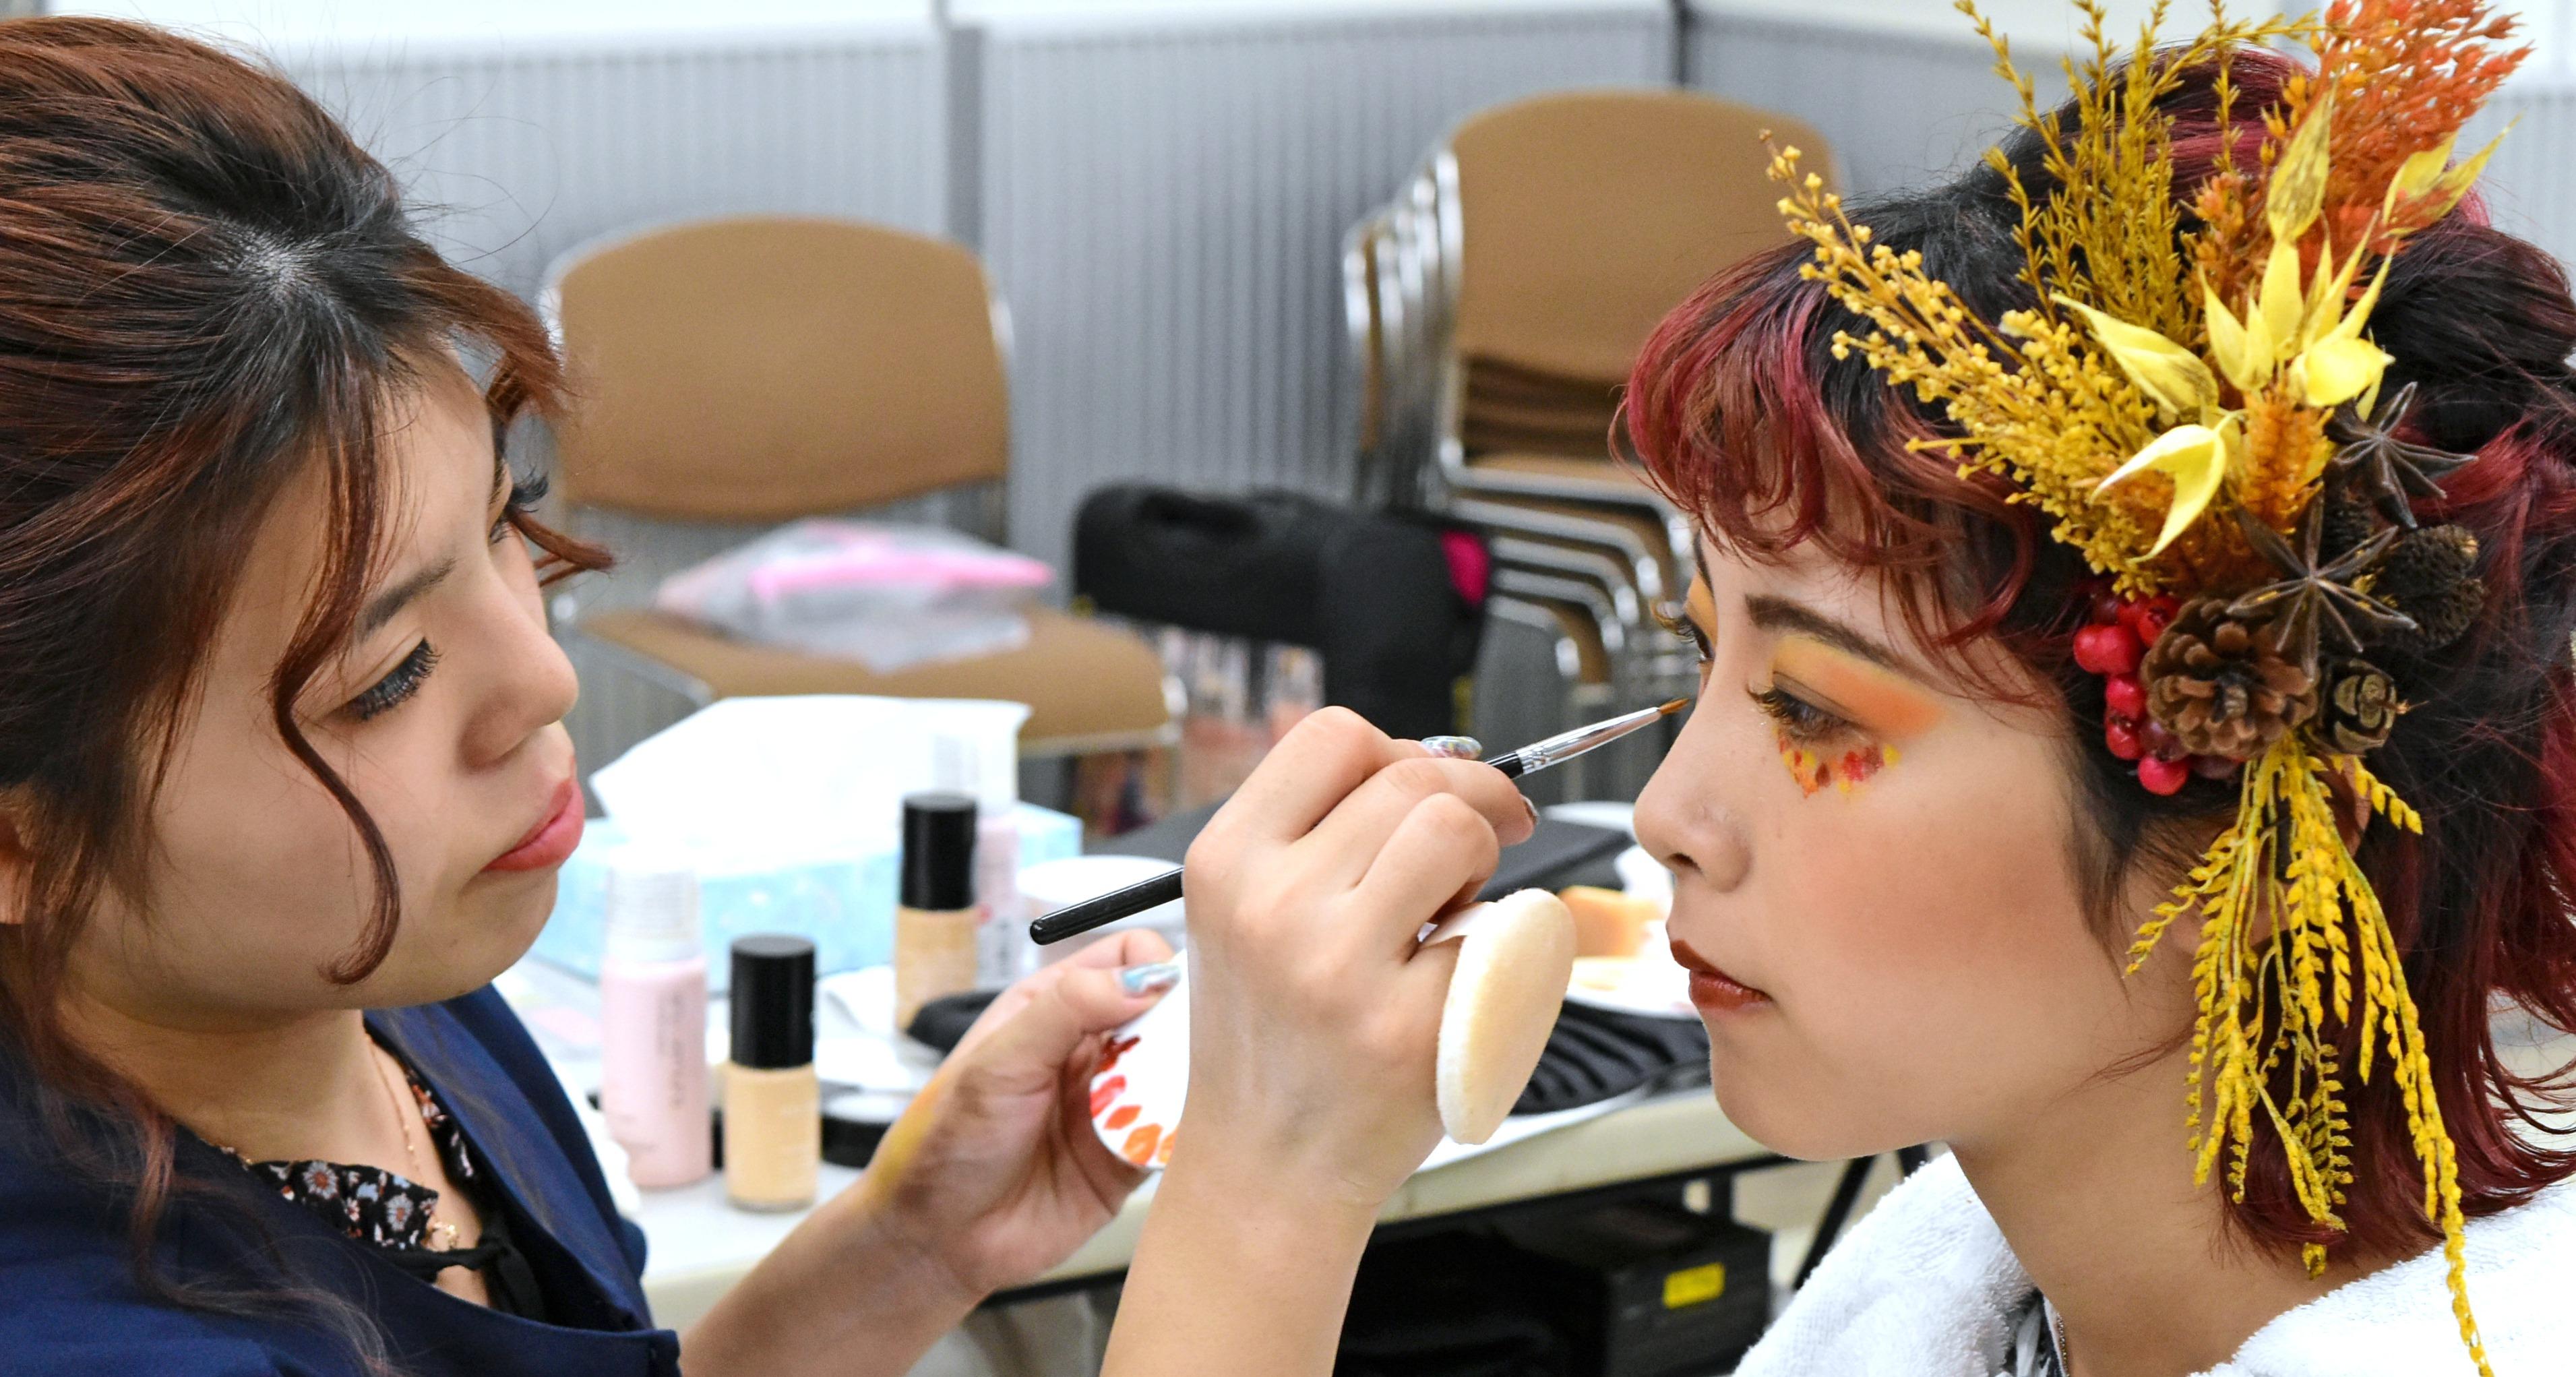 美容師免許メイク\u0026ネイルコース